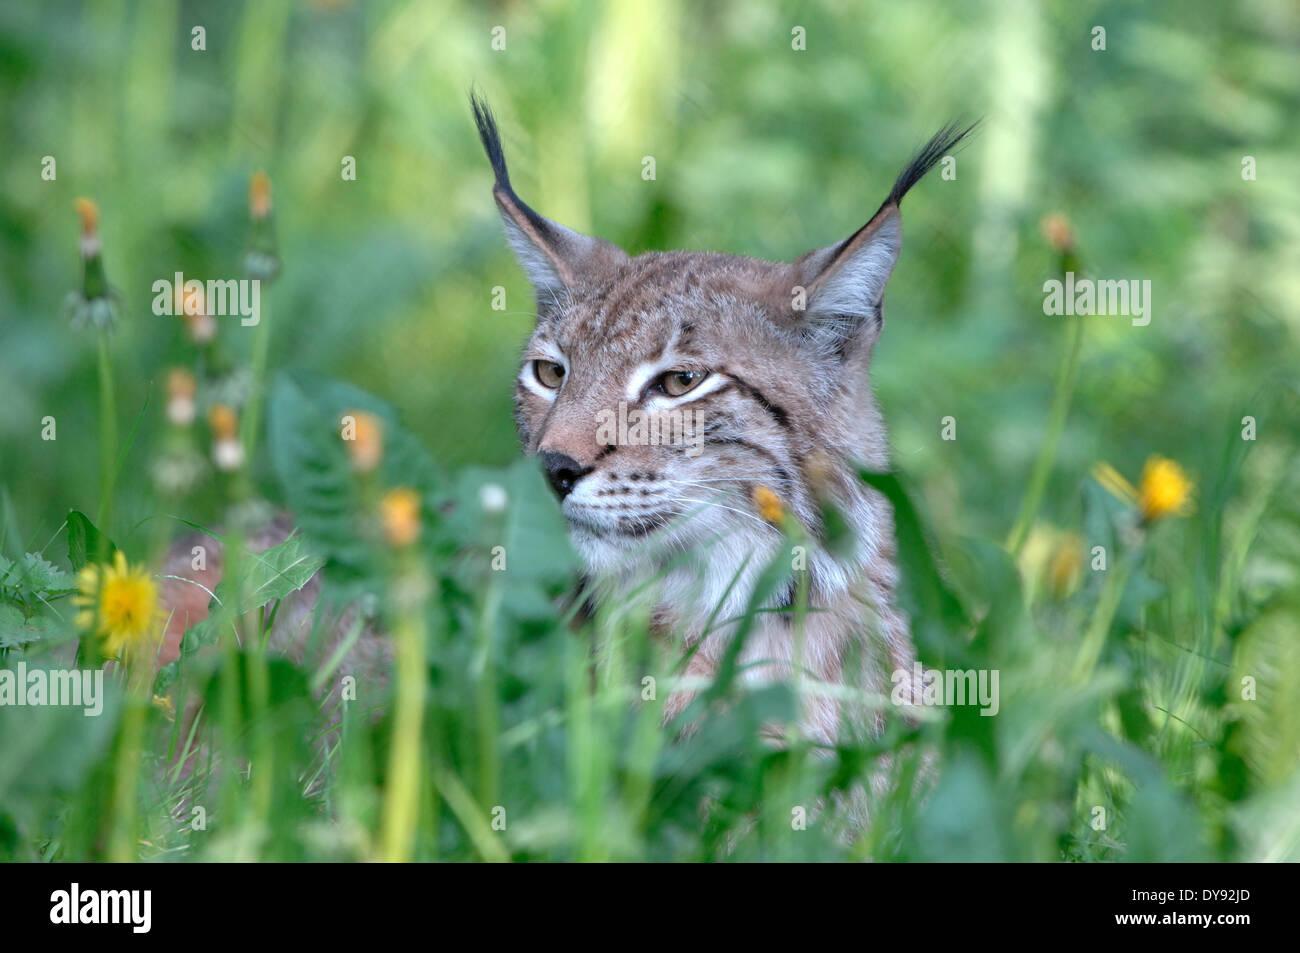 El lince, el gato, el gran gato, depredador, gatos, gato salvaje, lince, grandes felinos, animales de peletería, ambusher, pasto, animales, animales, Alemania, Europa, Imagen De Stock